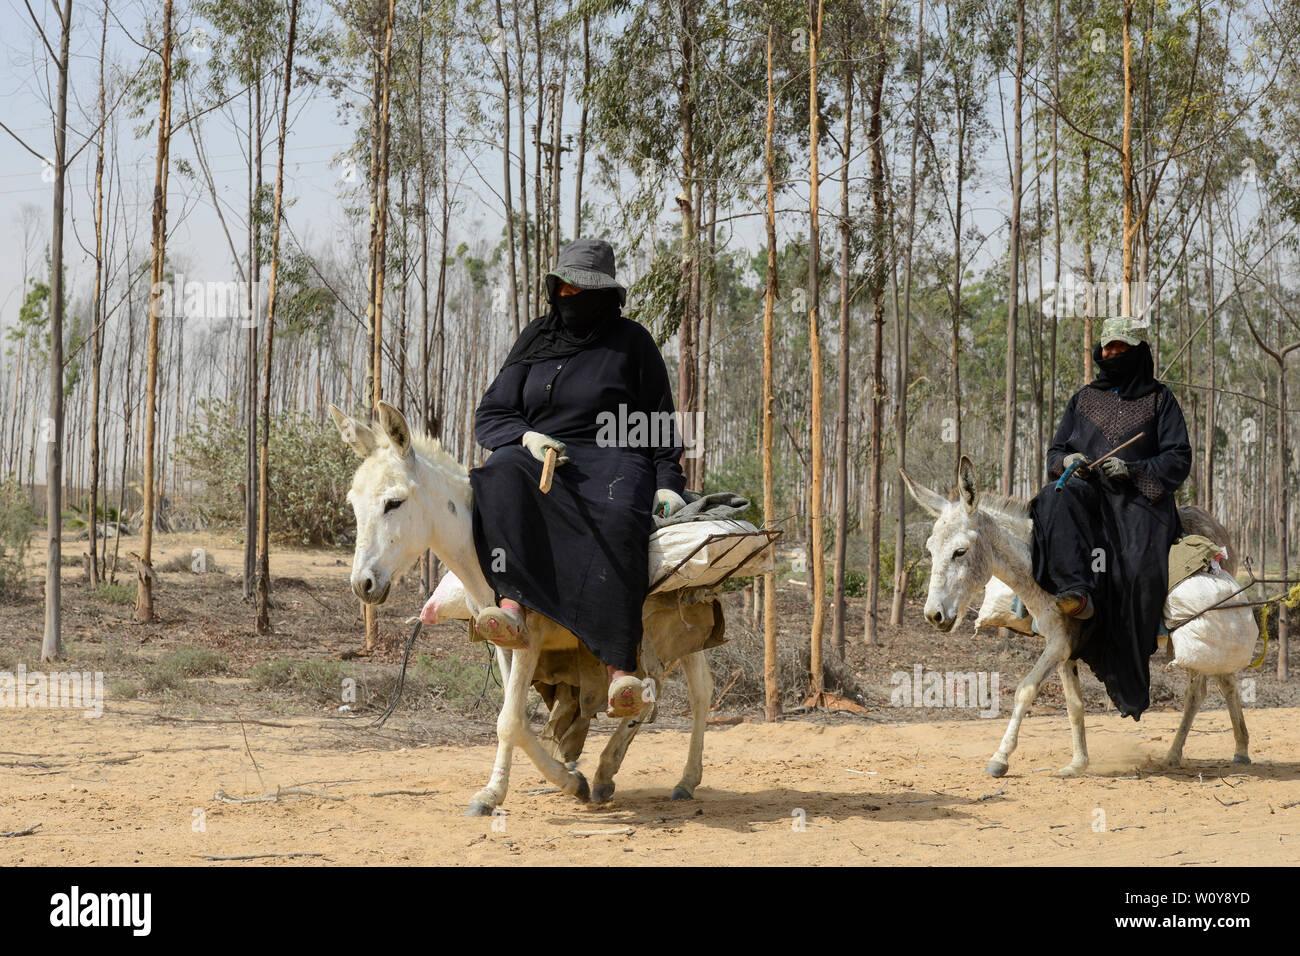 EGYPT, Ismallia , Sarapium forest in the desert, eucalyptus trees are irrigated by treated sewage water from Ismalia, two women riding on donkeys / AEGYPTEN, Ismailia, Sarapium Forstprojekt in der Wueste, die Baeume werden mit geklaertem Abwasser der Stadt Ismalia bewaessert, zwei Frauen auf Eseln Stock Photo